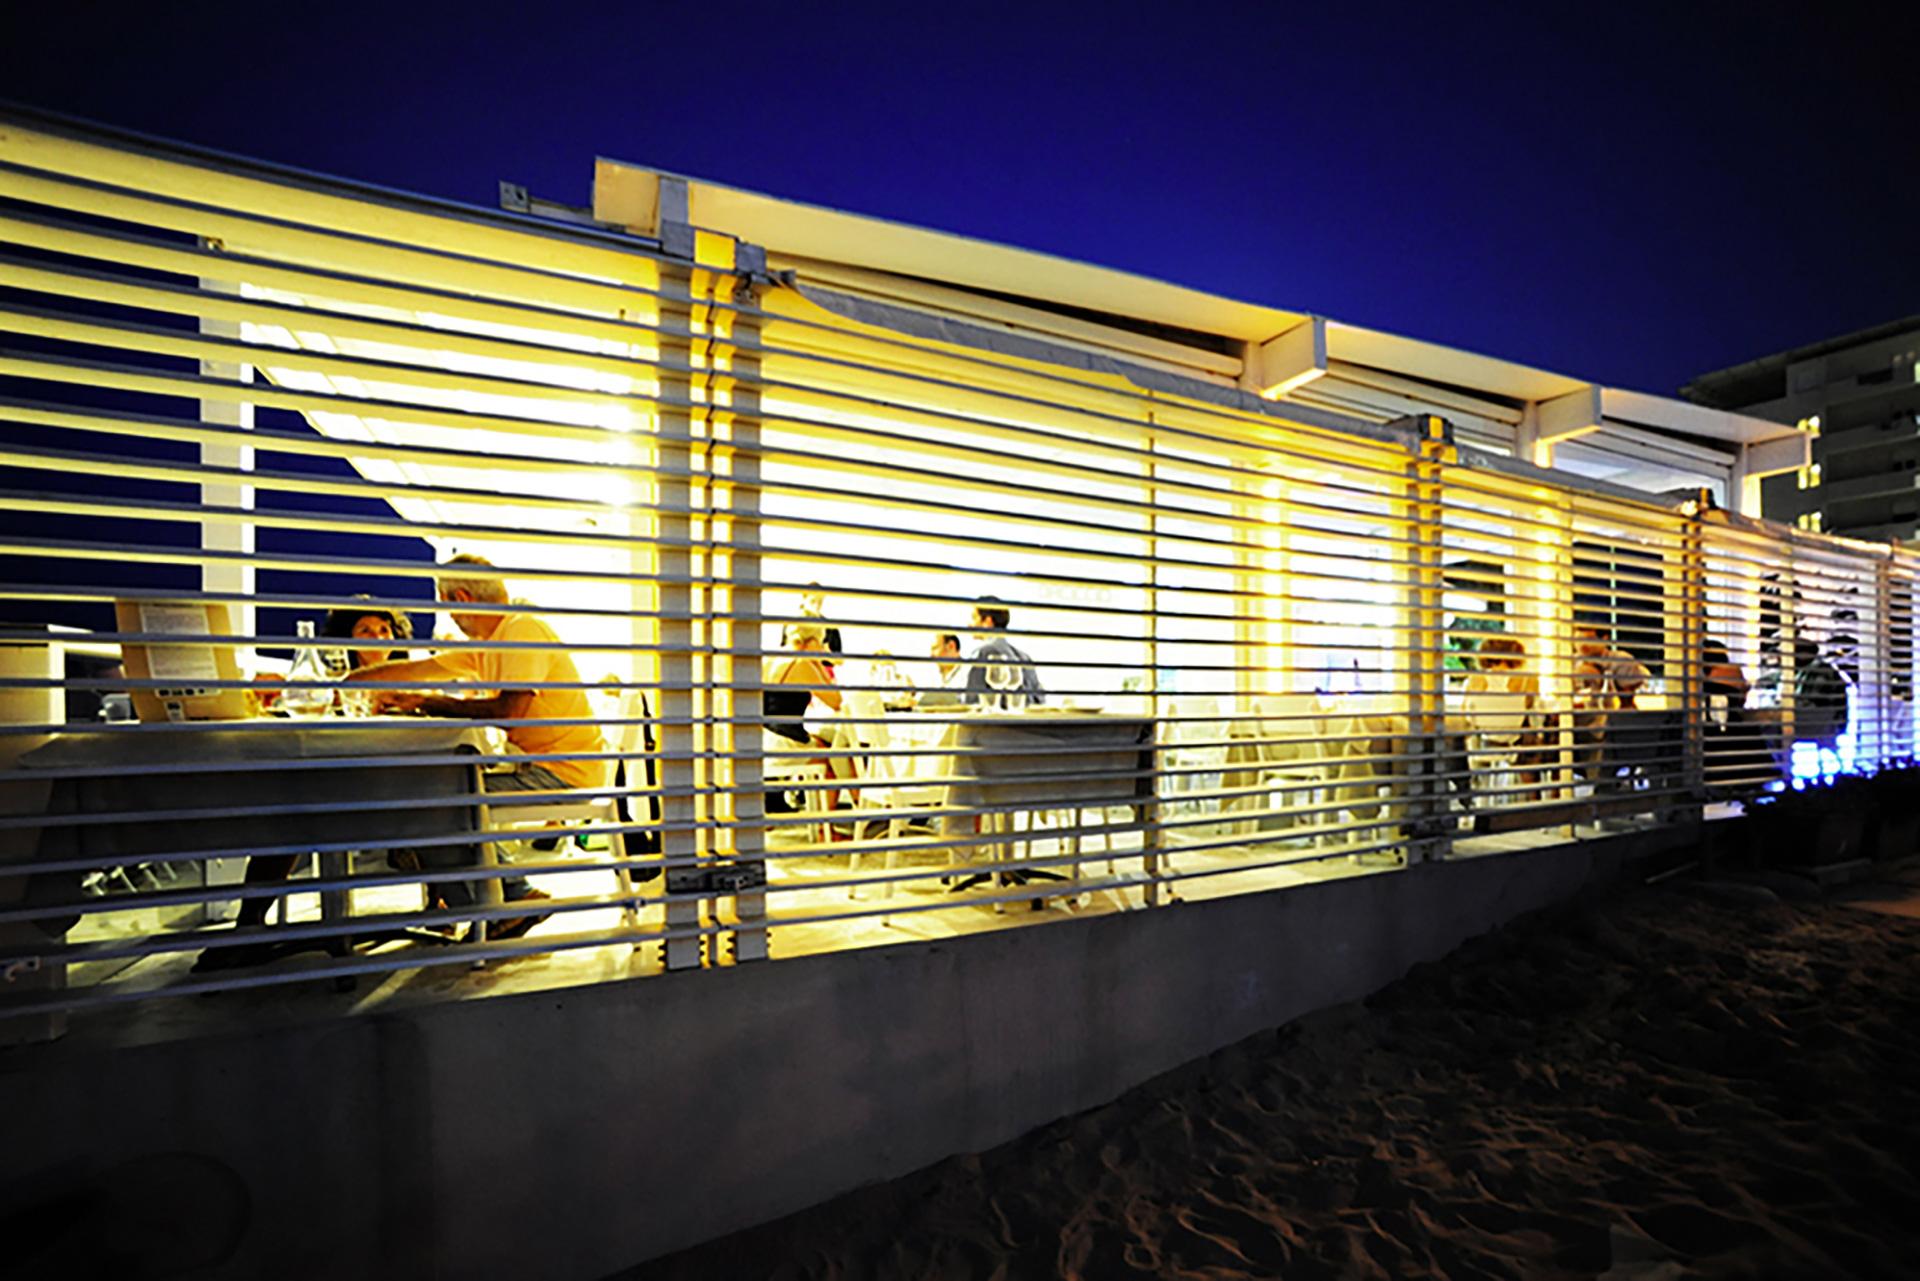 ristorante da ciccio. sala esterna in nottura